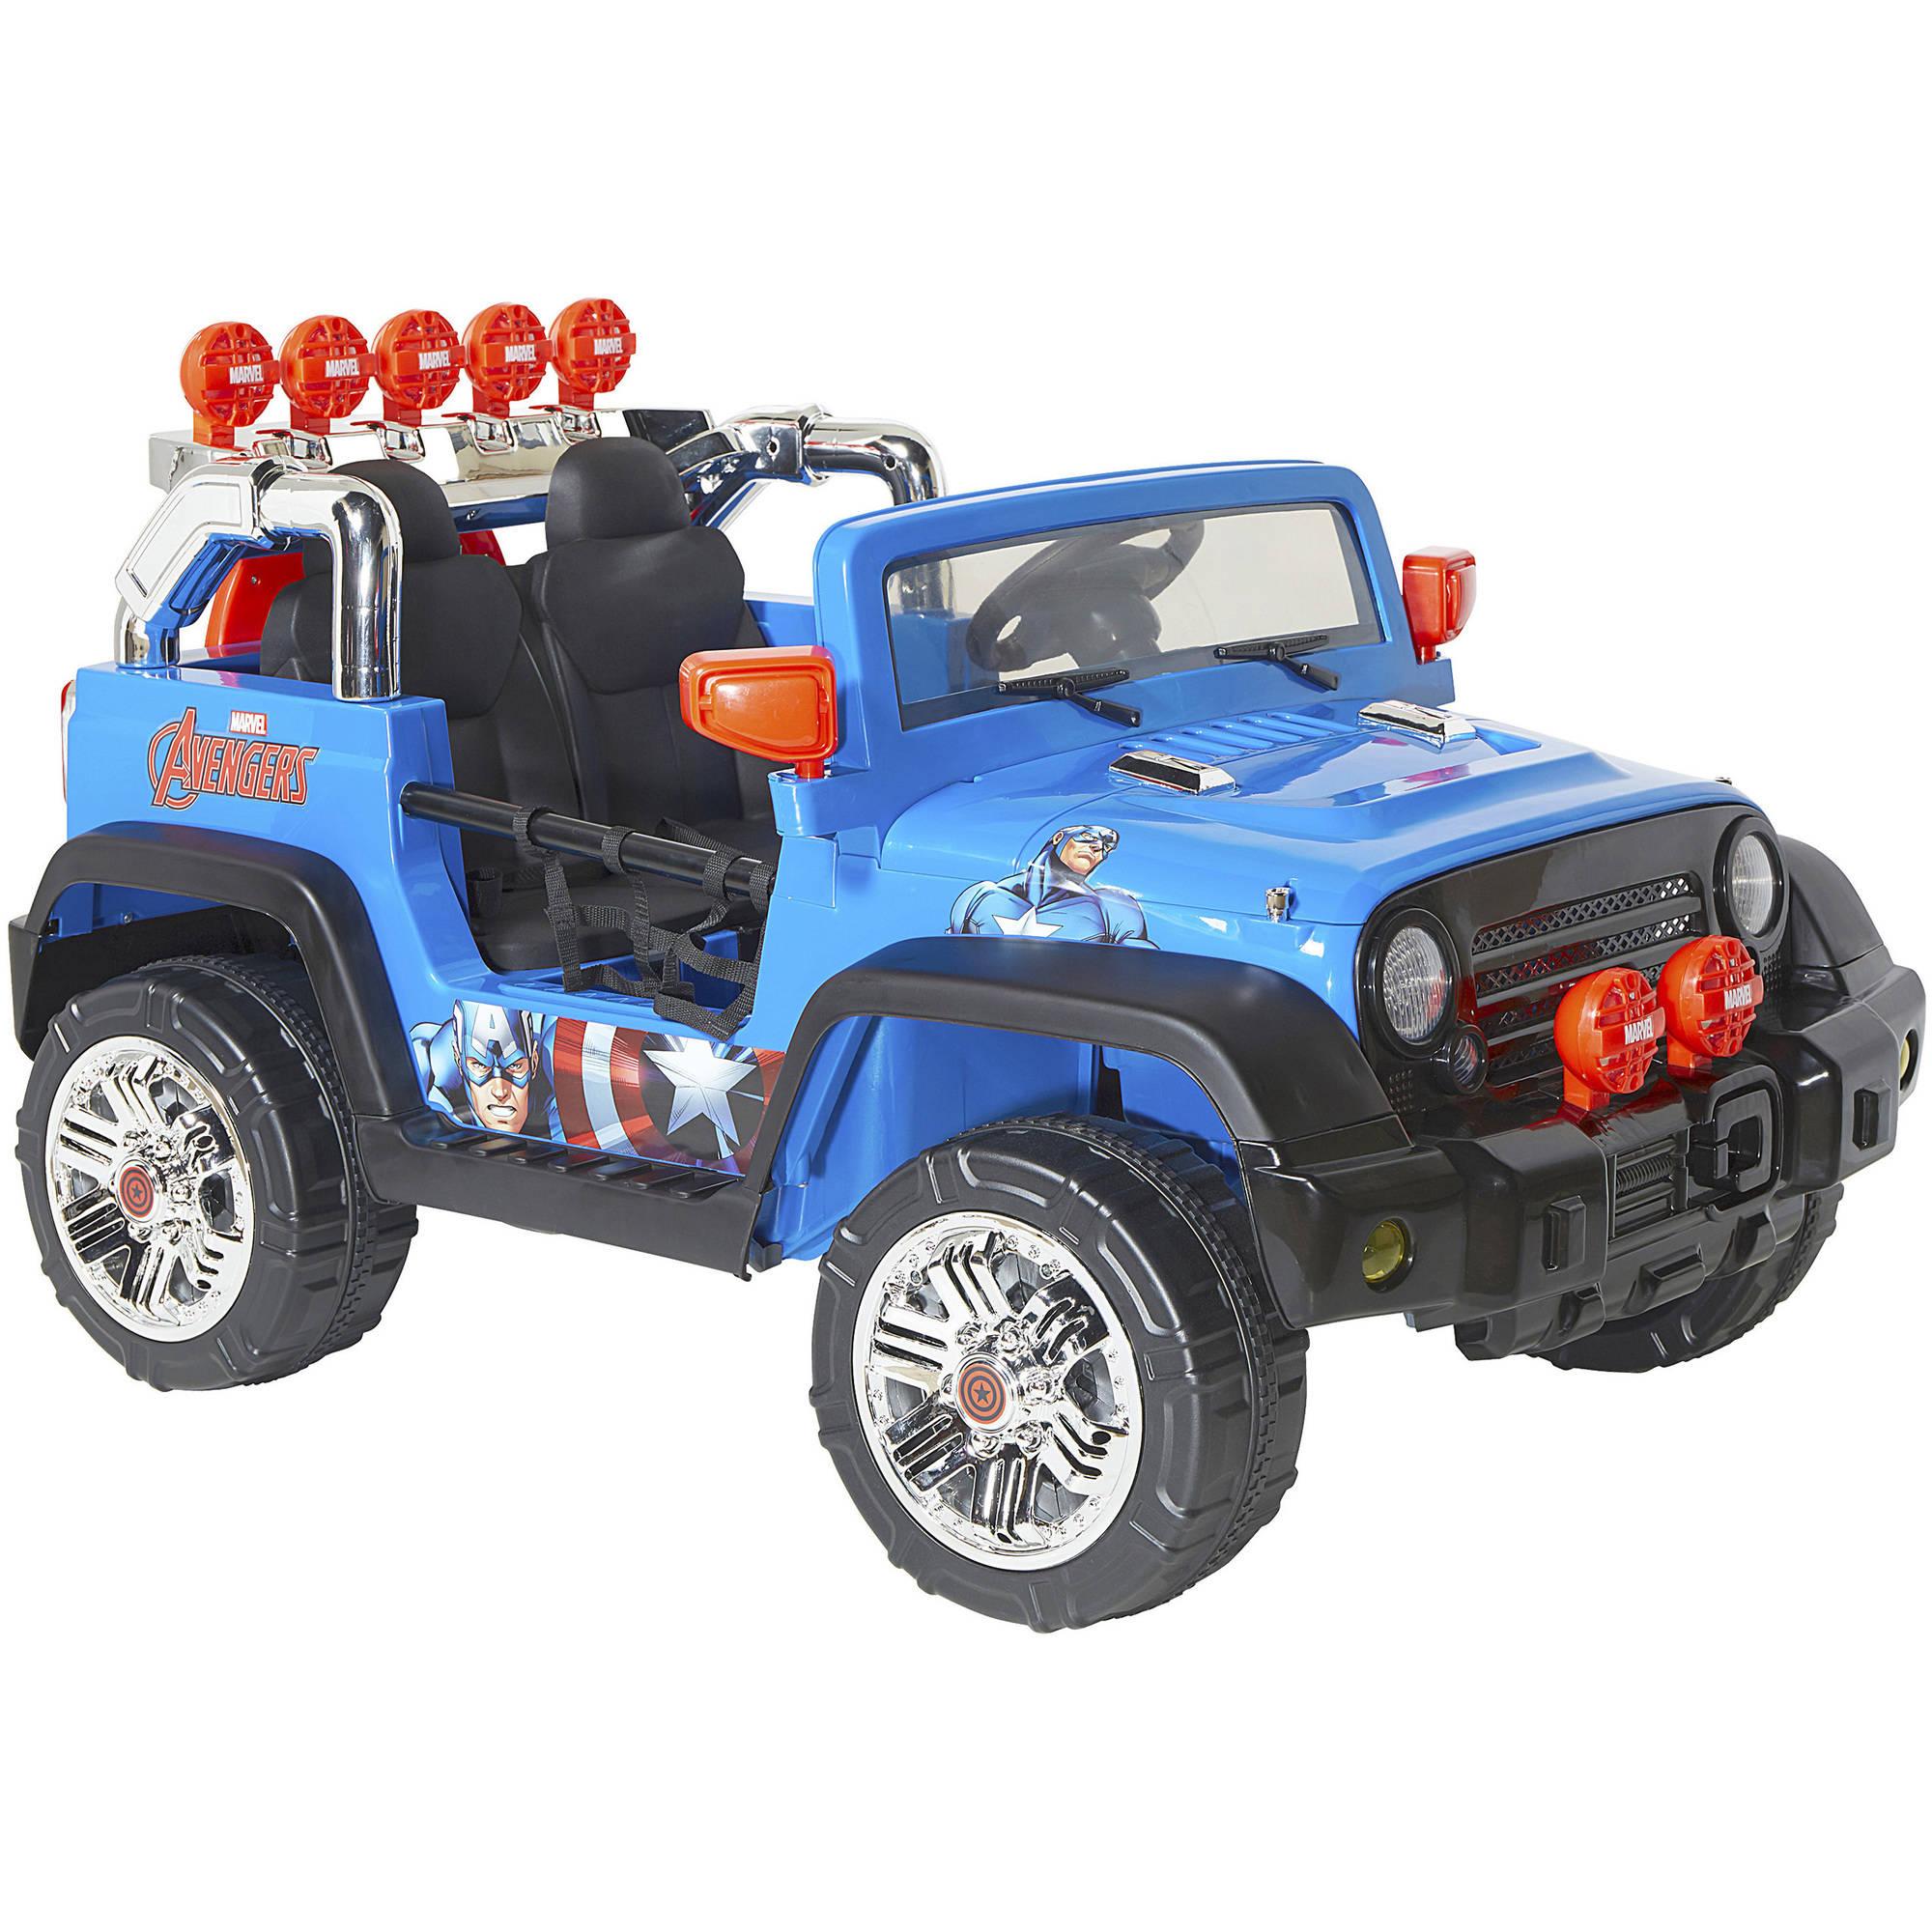 Dynacraft Avengers 12V 4X4 Ride-On, Blue $159